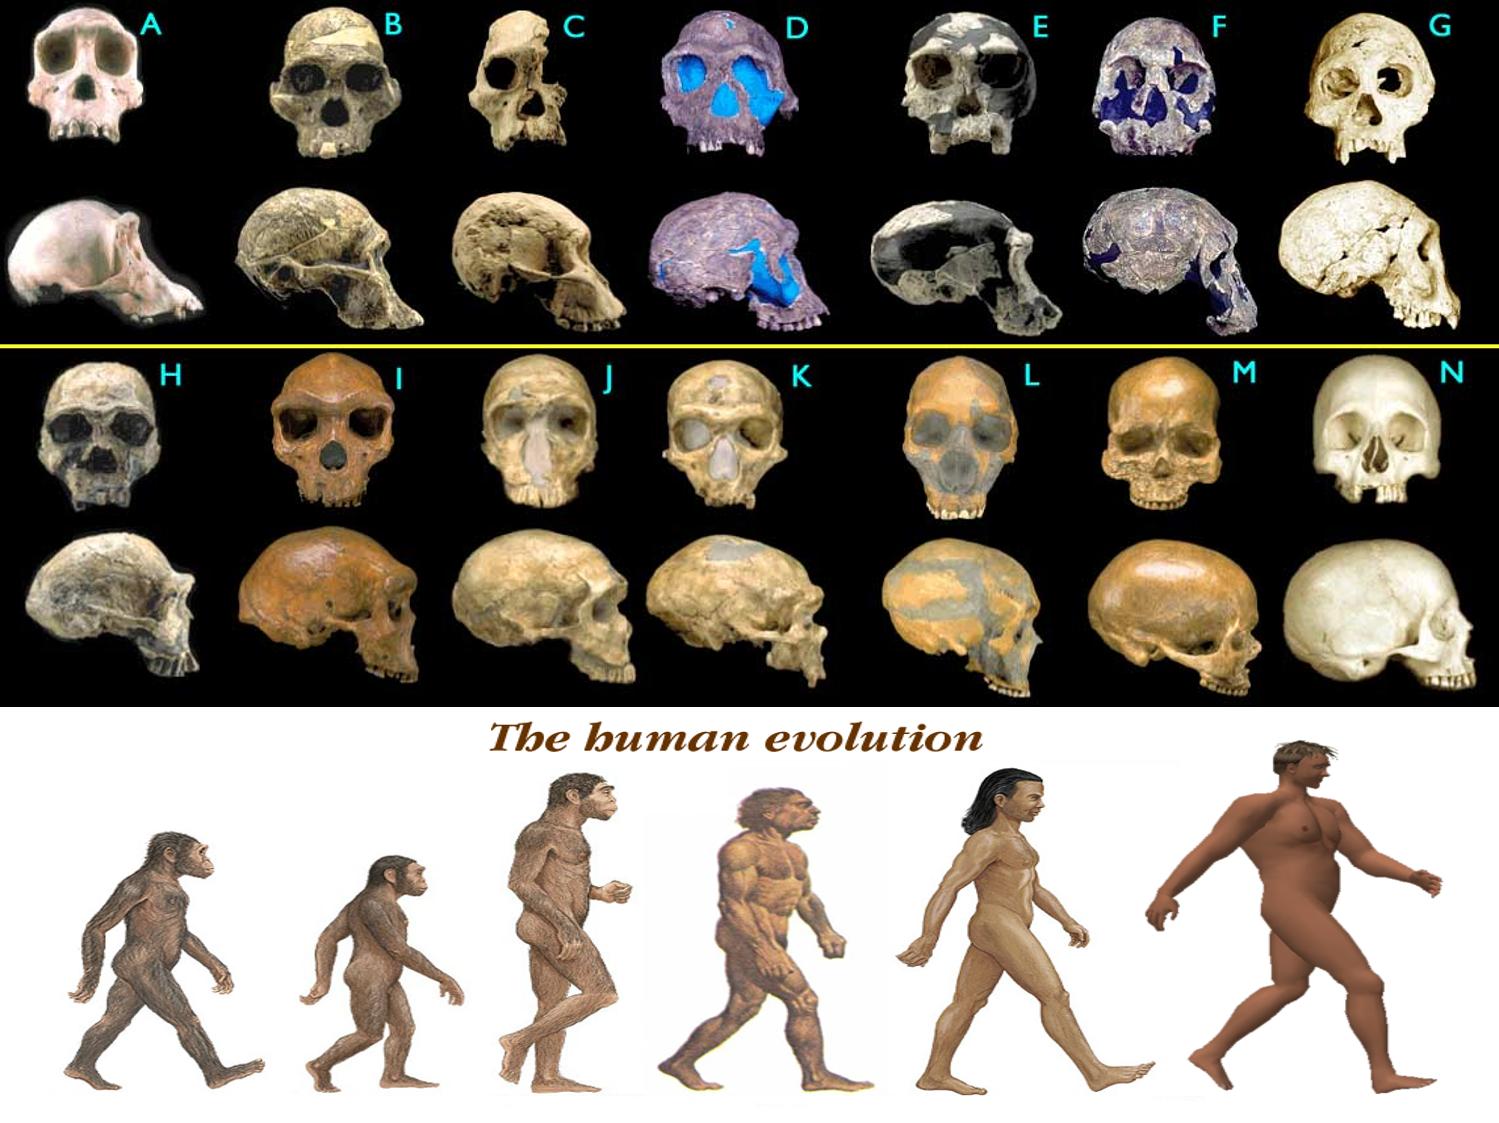 Bunun en güzel örneklerinden biri de, insan türünün evrimidir. Türümüz, av-avcı ilişkisinden etkilenerek evrimleşmiş olsa da, bugünkü halimizi alabilmemizin en büyük etmeni, değişen çevre koşullarıdır. Atalarımızın Afrika içerisindeki göçü sırasında değişen çevre, zincirleme olarak birçok özelliğimizin evrimleşmesini tetiklemiştir. Bu konuyla ilgili buraya tıklayarak çok daha fazla bilgi alabilirsiniz.